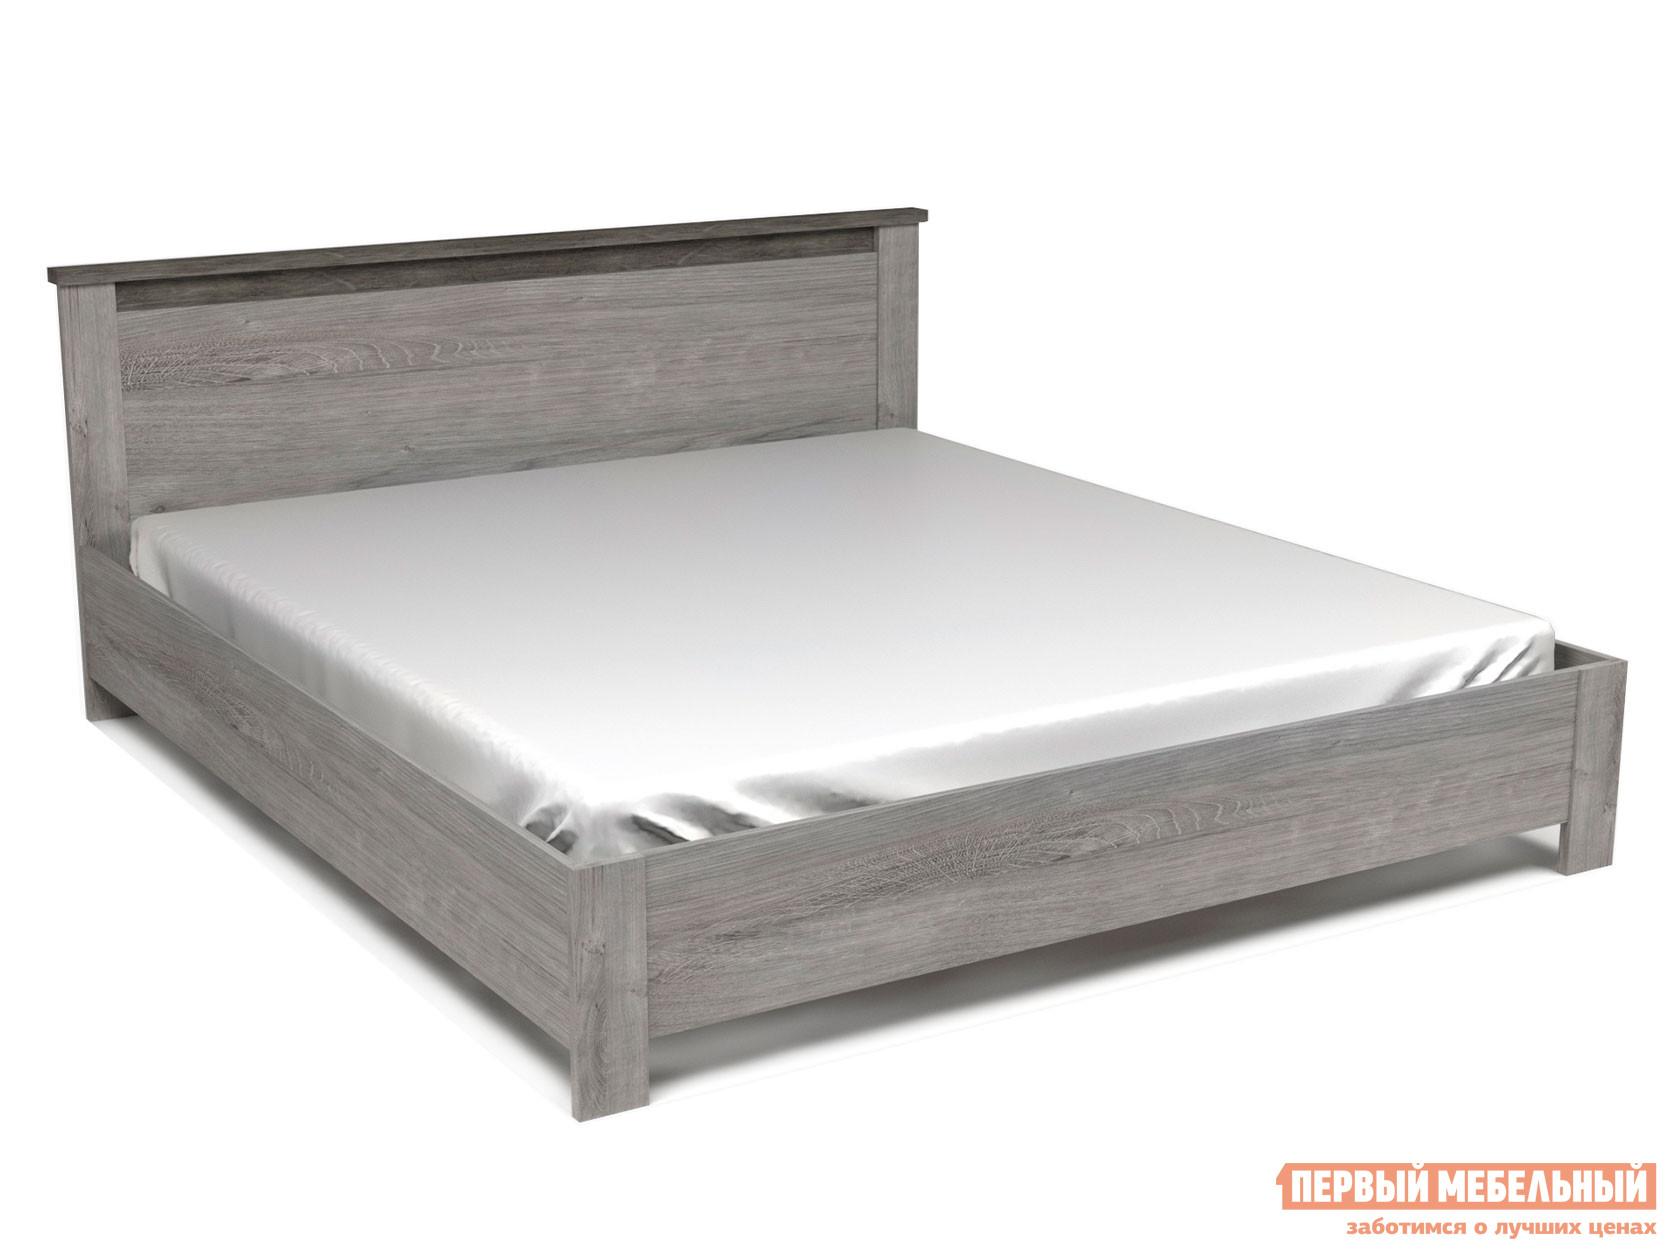 Двуспальная кровать  Кровать Денвер Риббек серый / Камень темный, 1800 Х 2000 мм, С основанием, Без подъемного механизма